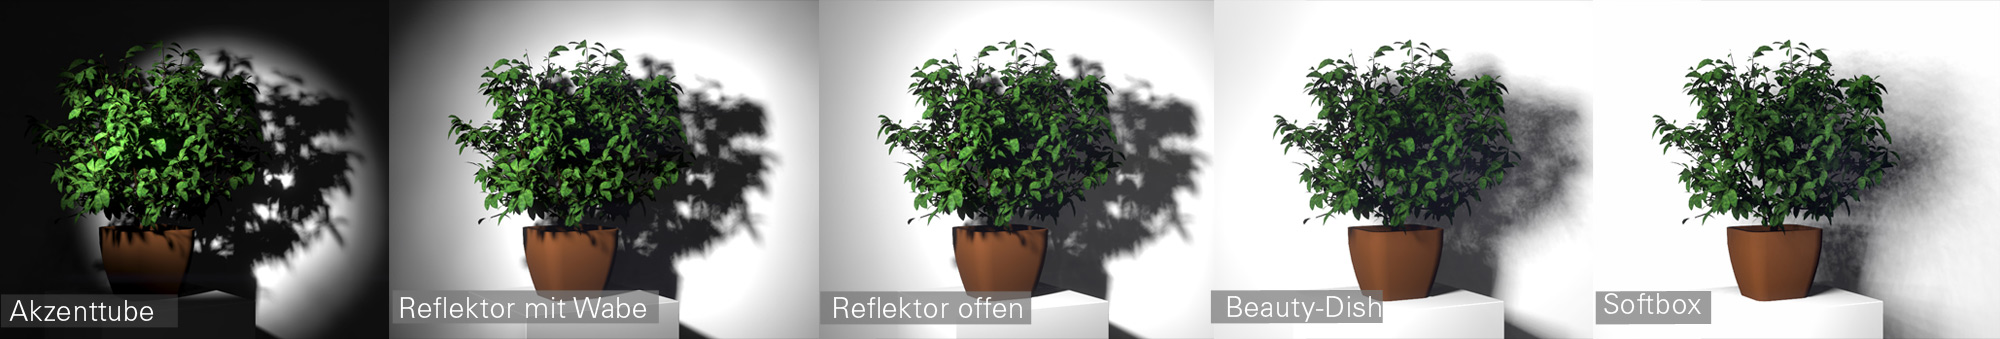 Lichtformer-Vergleich-Pflanze